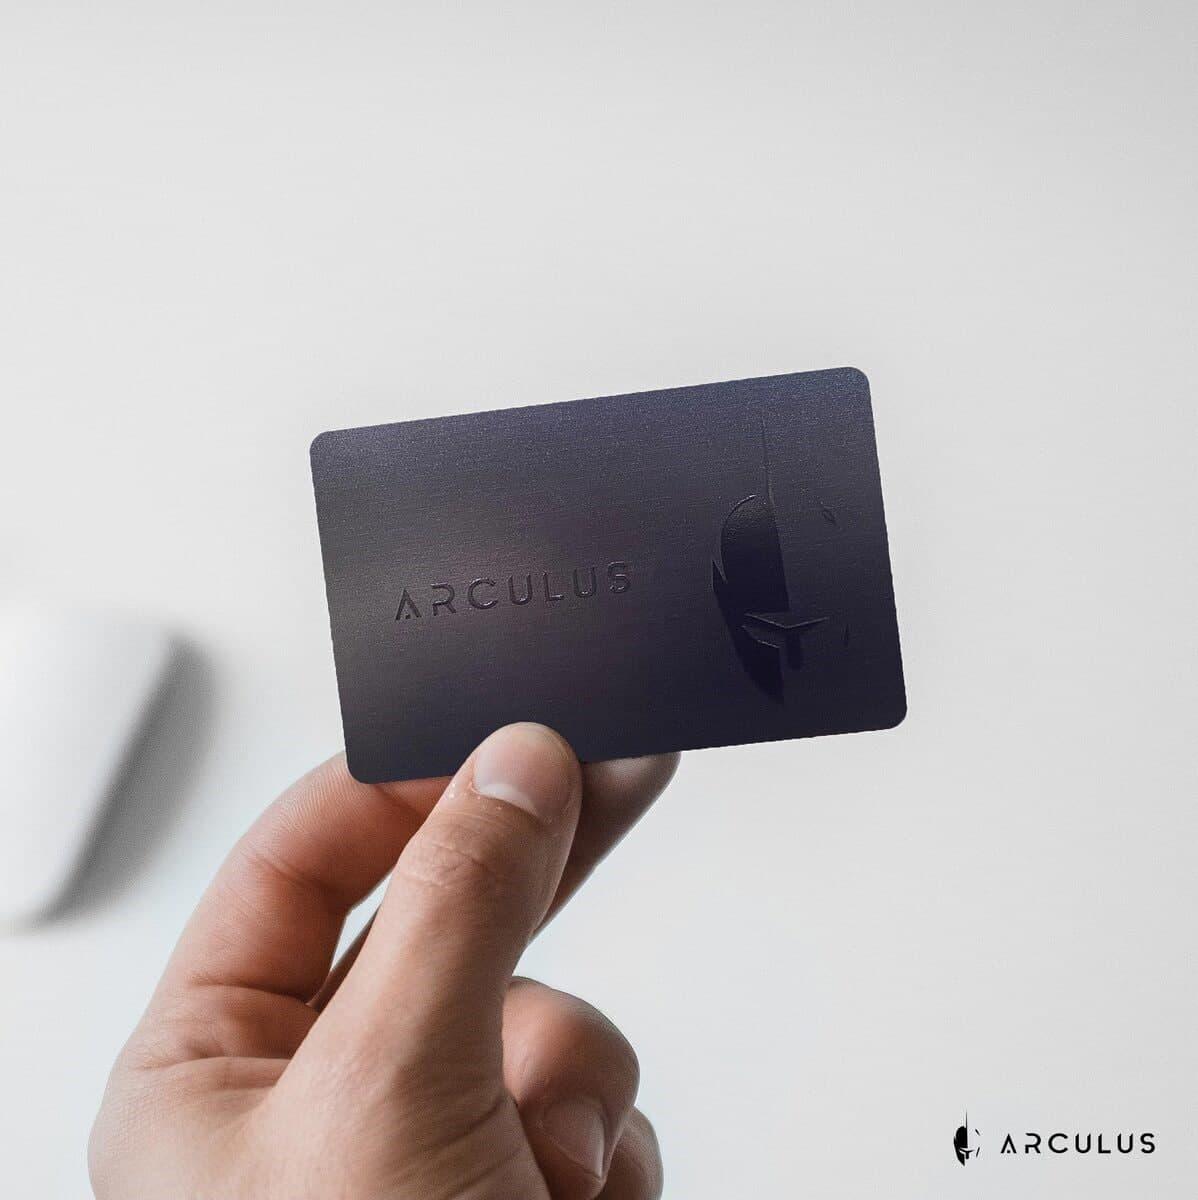 جهاز تخزين أركولوس للعملات الرقمية على شكل بطاقة ائتمان